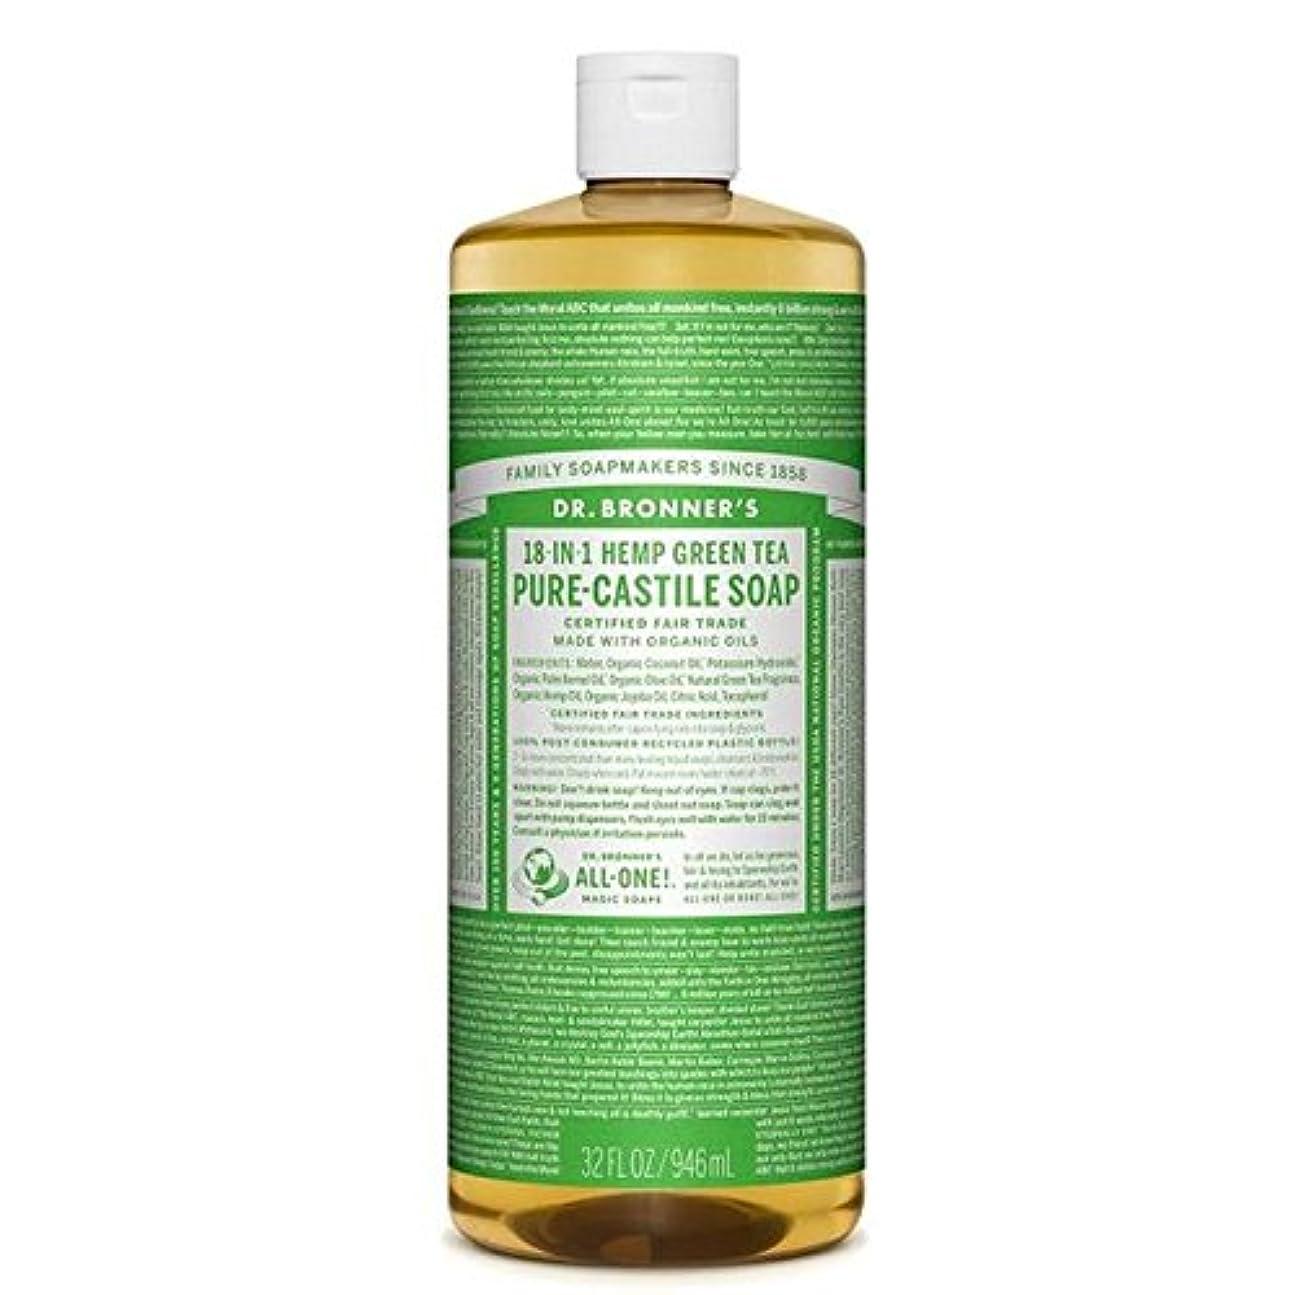 エール発火する早くDr Bronner Organic Green Tea Castile Liquid Soap 946ml - のブロナー有機緑茶カスティーリャ液体石鹸946ミリリットル [並行輸入品]